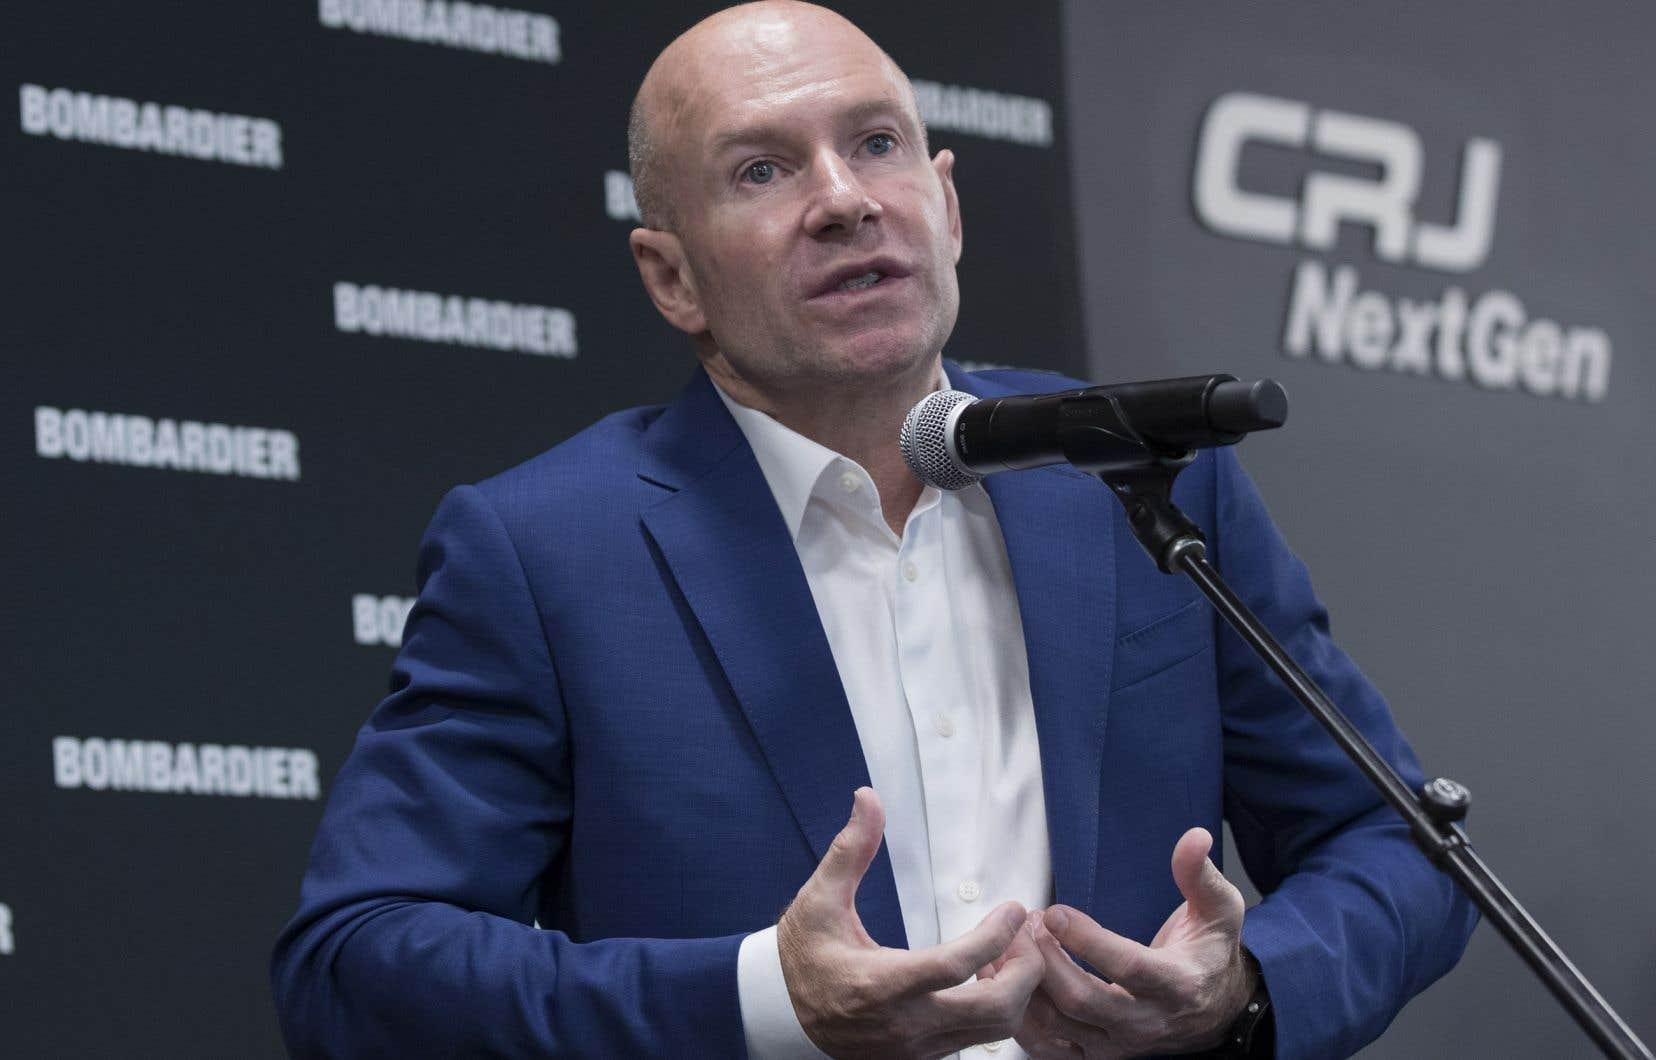 L'ex-patron de Bombardier, Alain Bellemare. L'une des principales agences de conseil aux actionnaires recommande à ceux-ci de voter contre l'approche de l'entreprise en matière de rémunération.